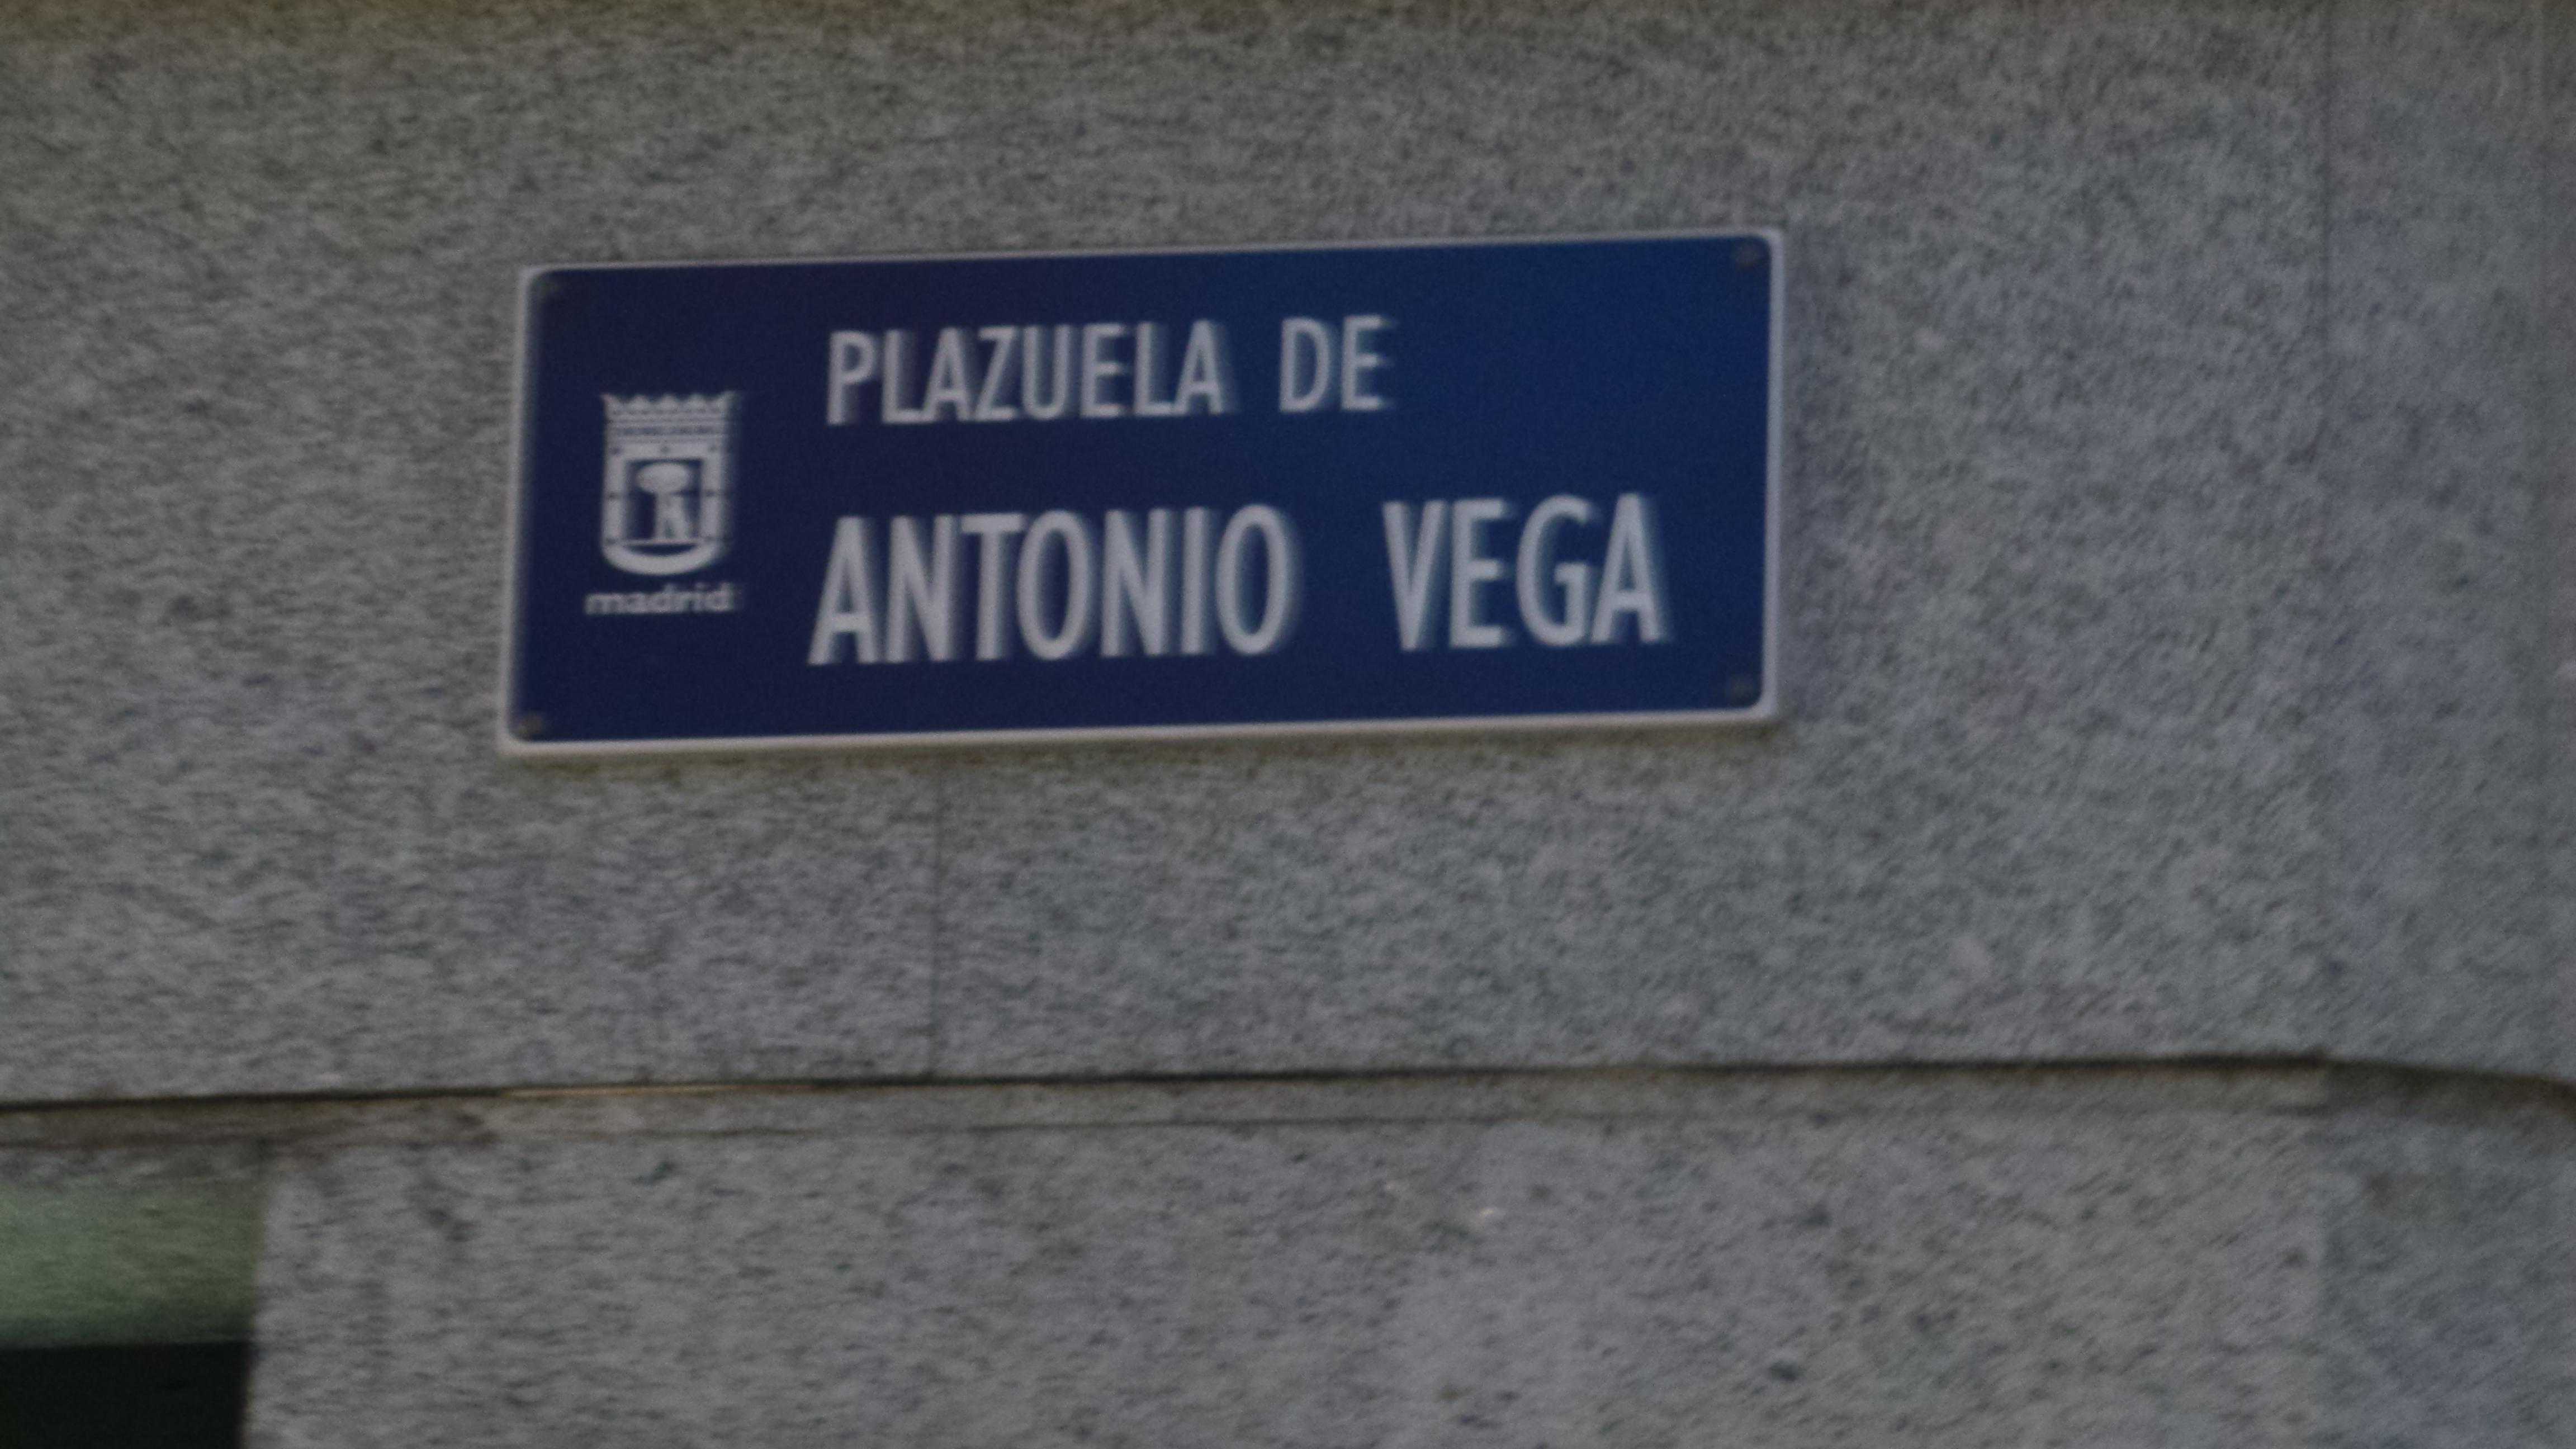 Plazuela de Antonio Vega. Inaugurada en 2011 en el Barrio de Malasaña de Madrid